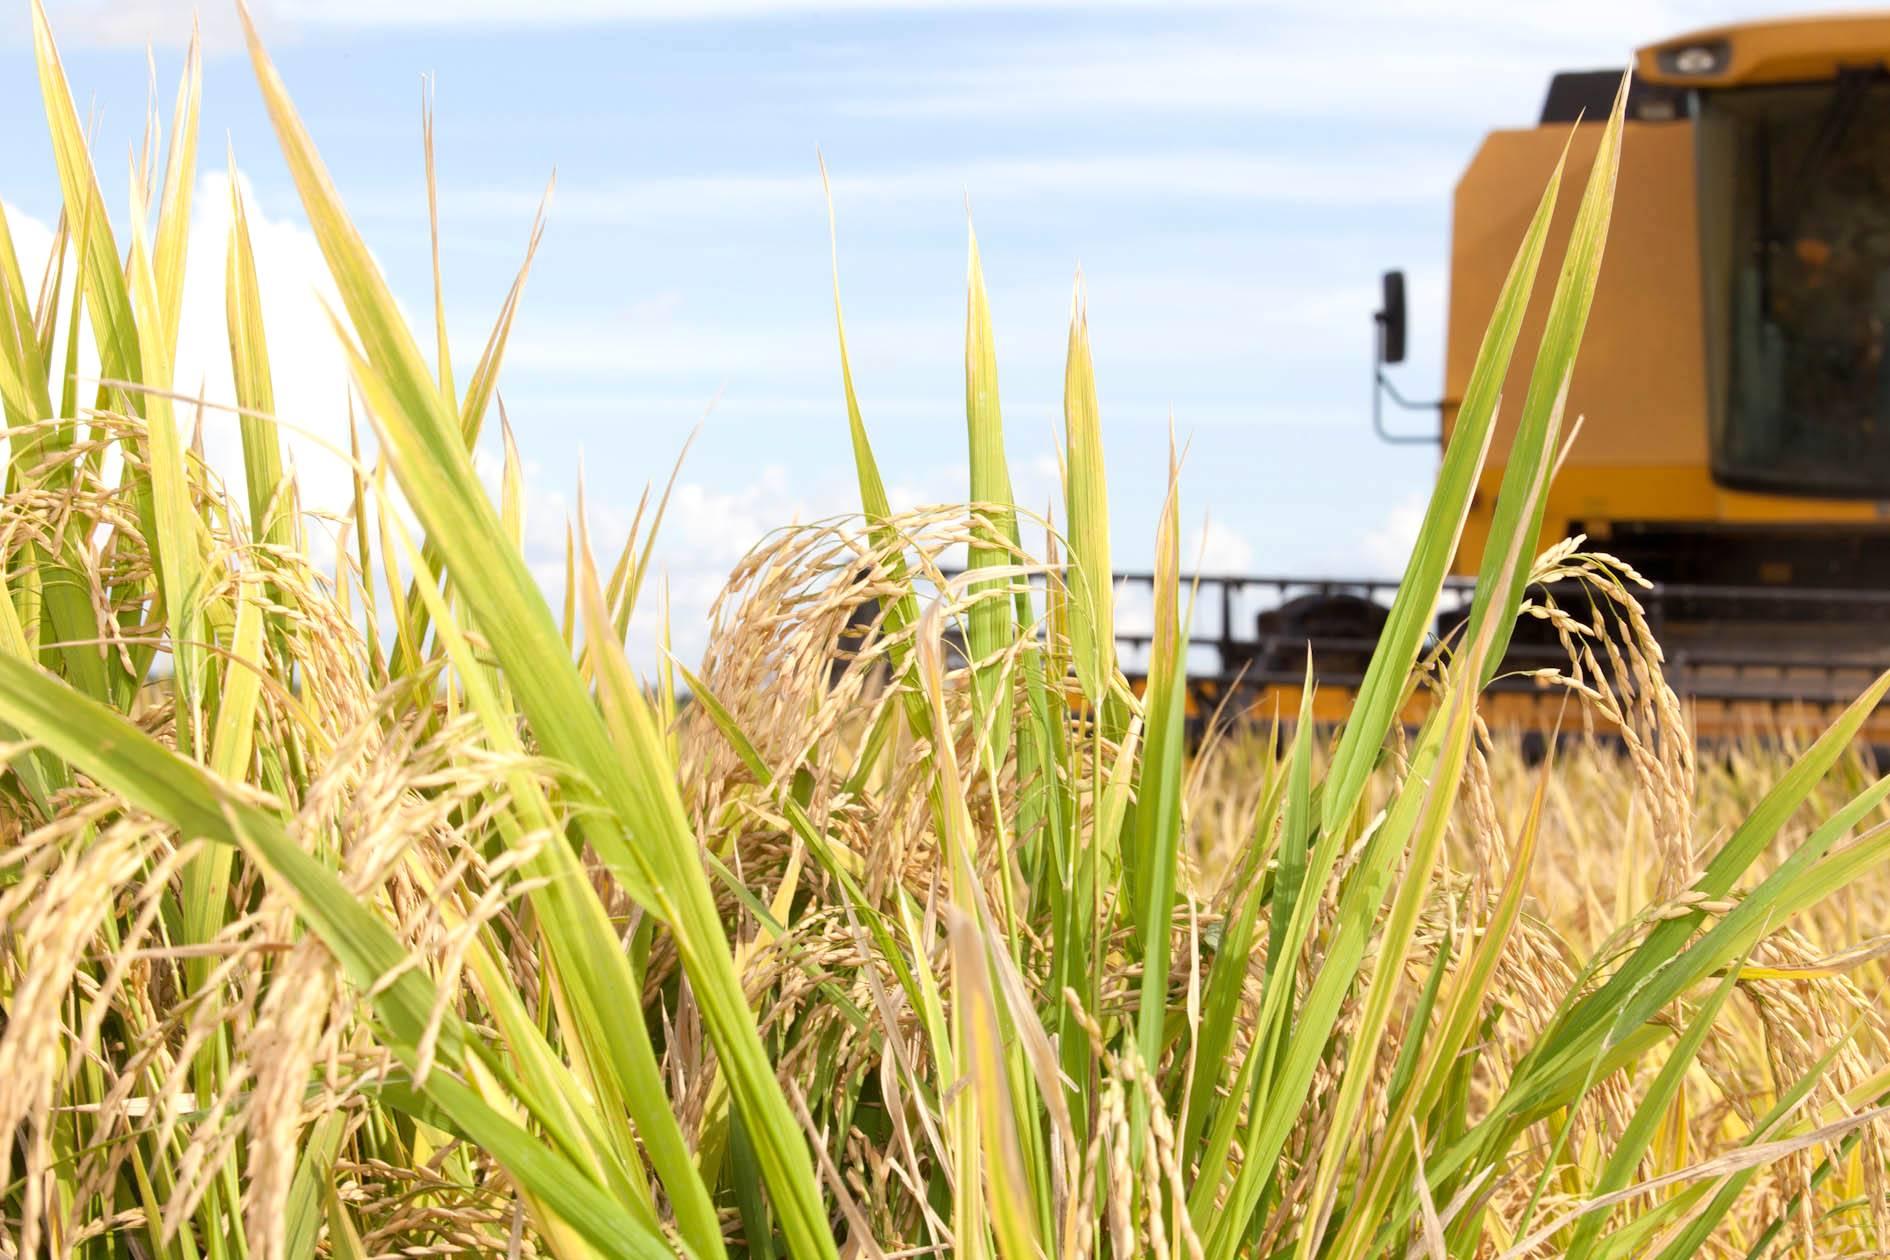 Técnica de irrigação sustentável aumenta produção de arroz